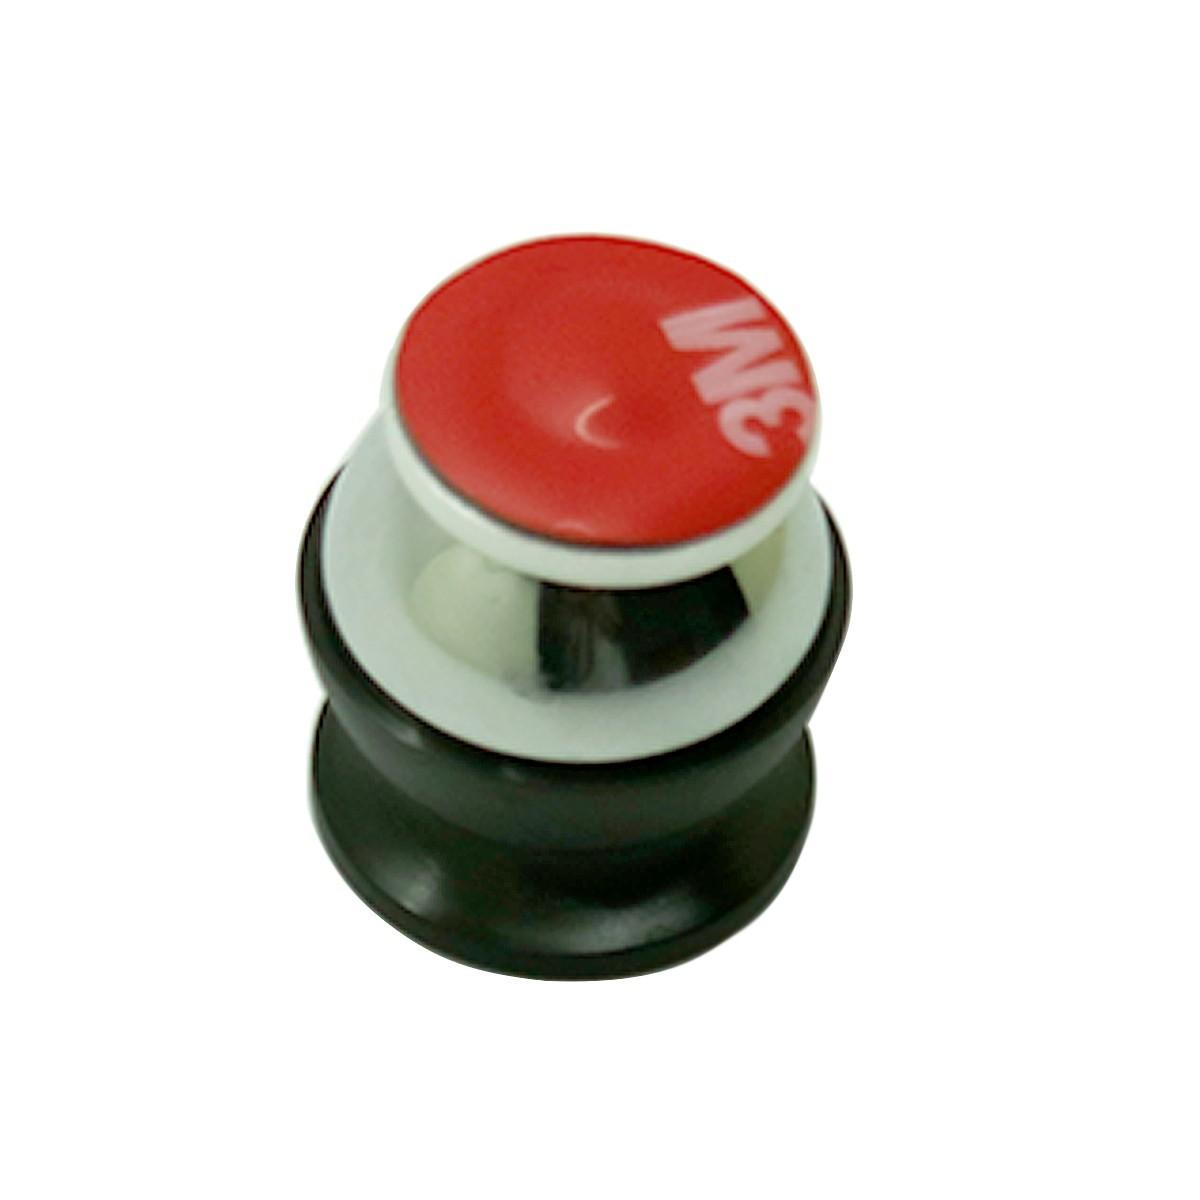 Voxlink Universal 360 Degree Magnetic Mount Kit Car Holder,Smart Phone Magnetic Holder for GPS IPhone 5S 4S